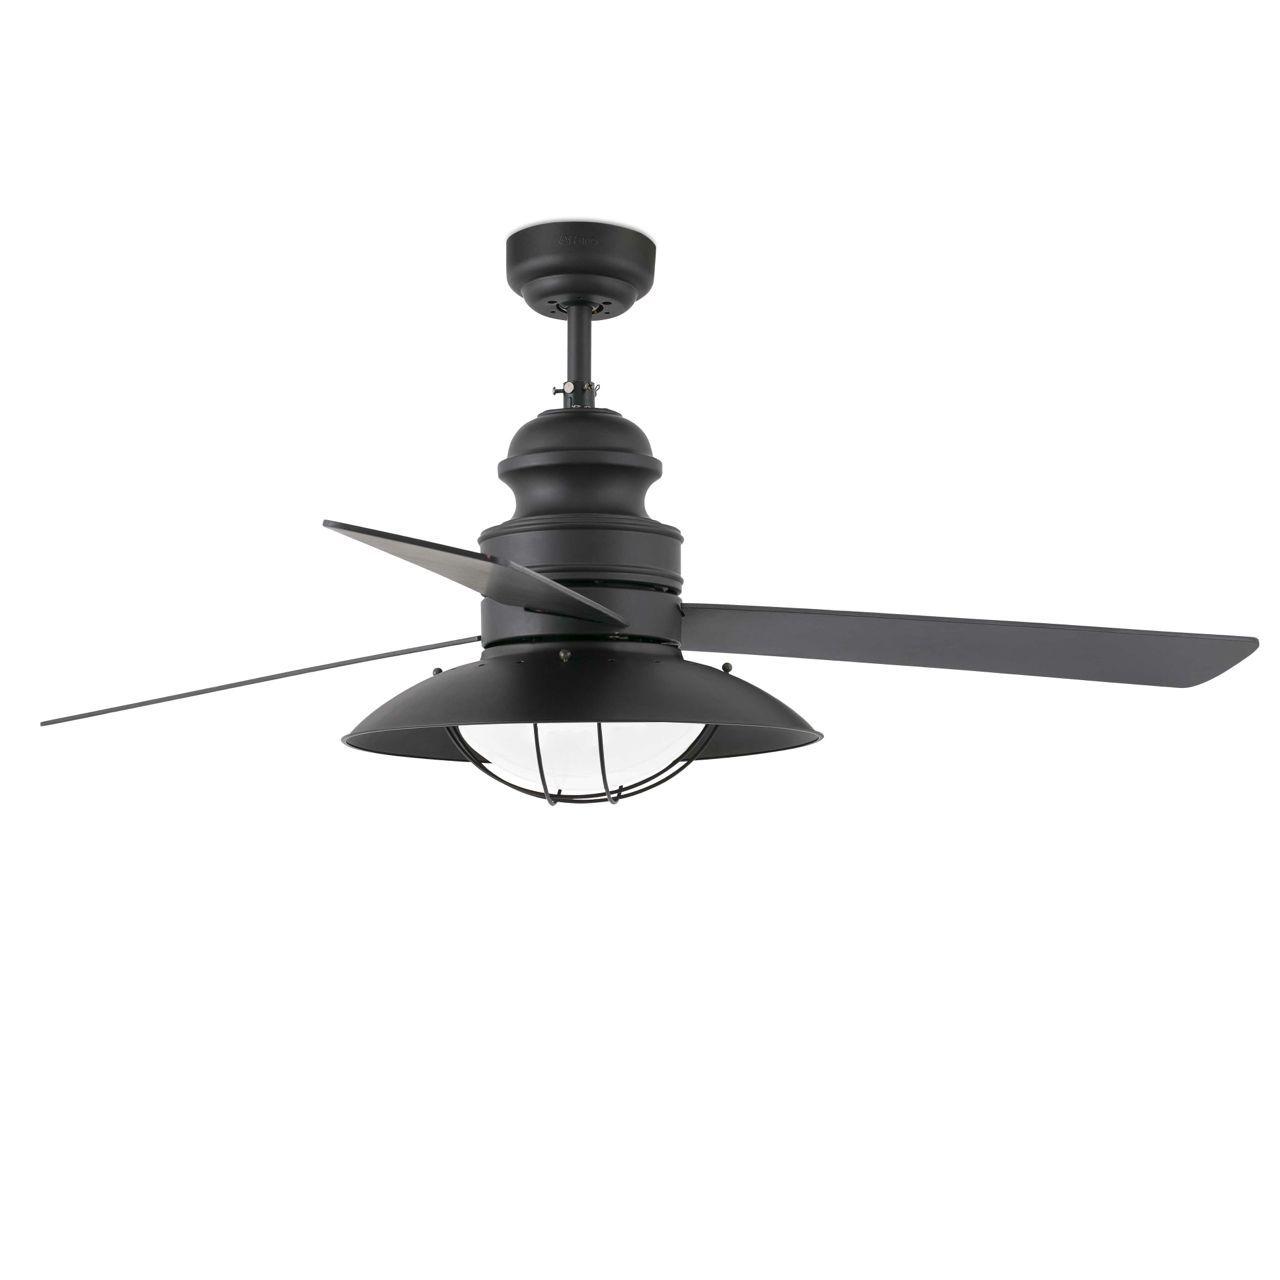 Comprar ventilador de techo con luz y mando distancia - Lamparas de techo con ventilador ...